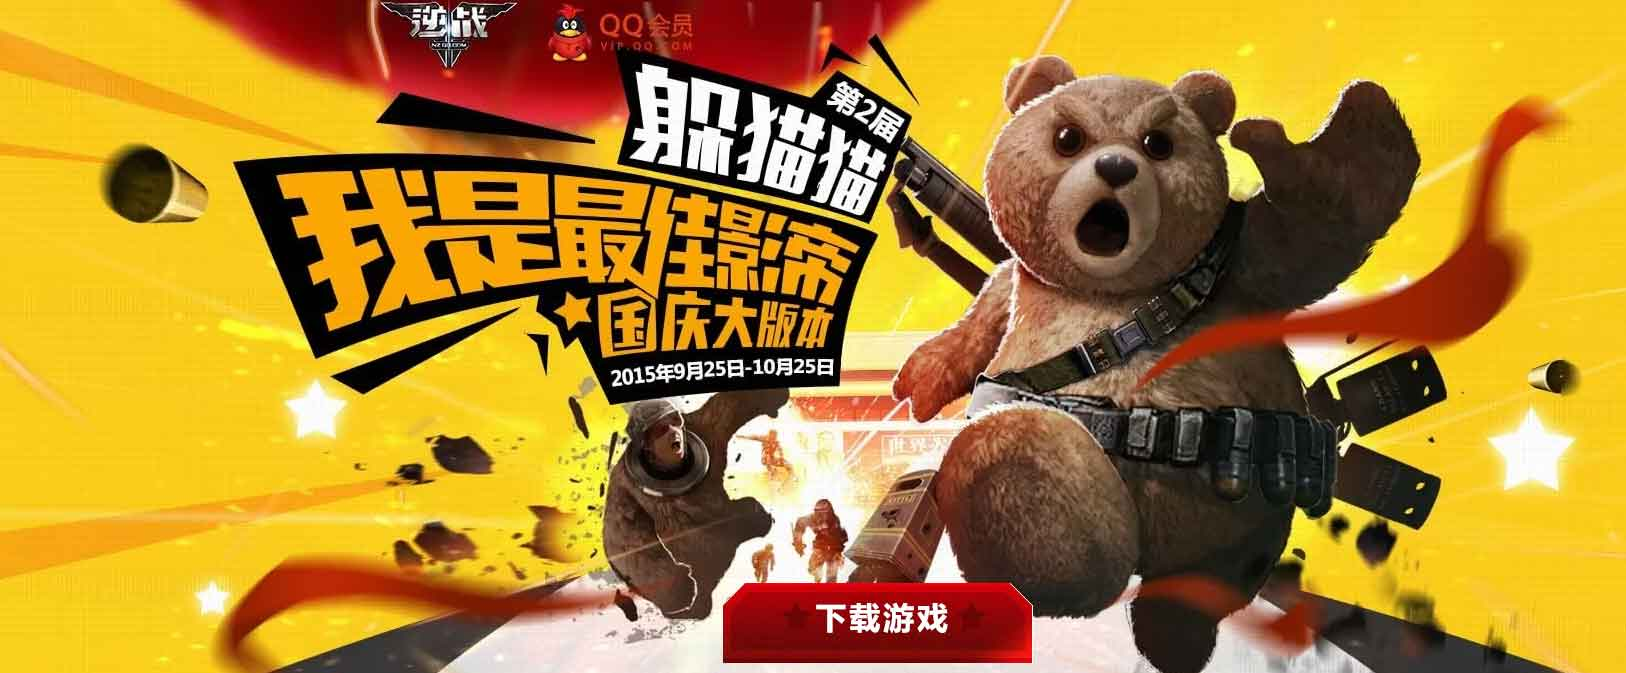 國慶大版本小熊大反攻 躲貓貓我是最佳影帝